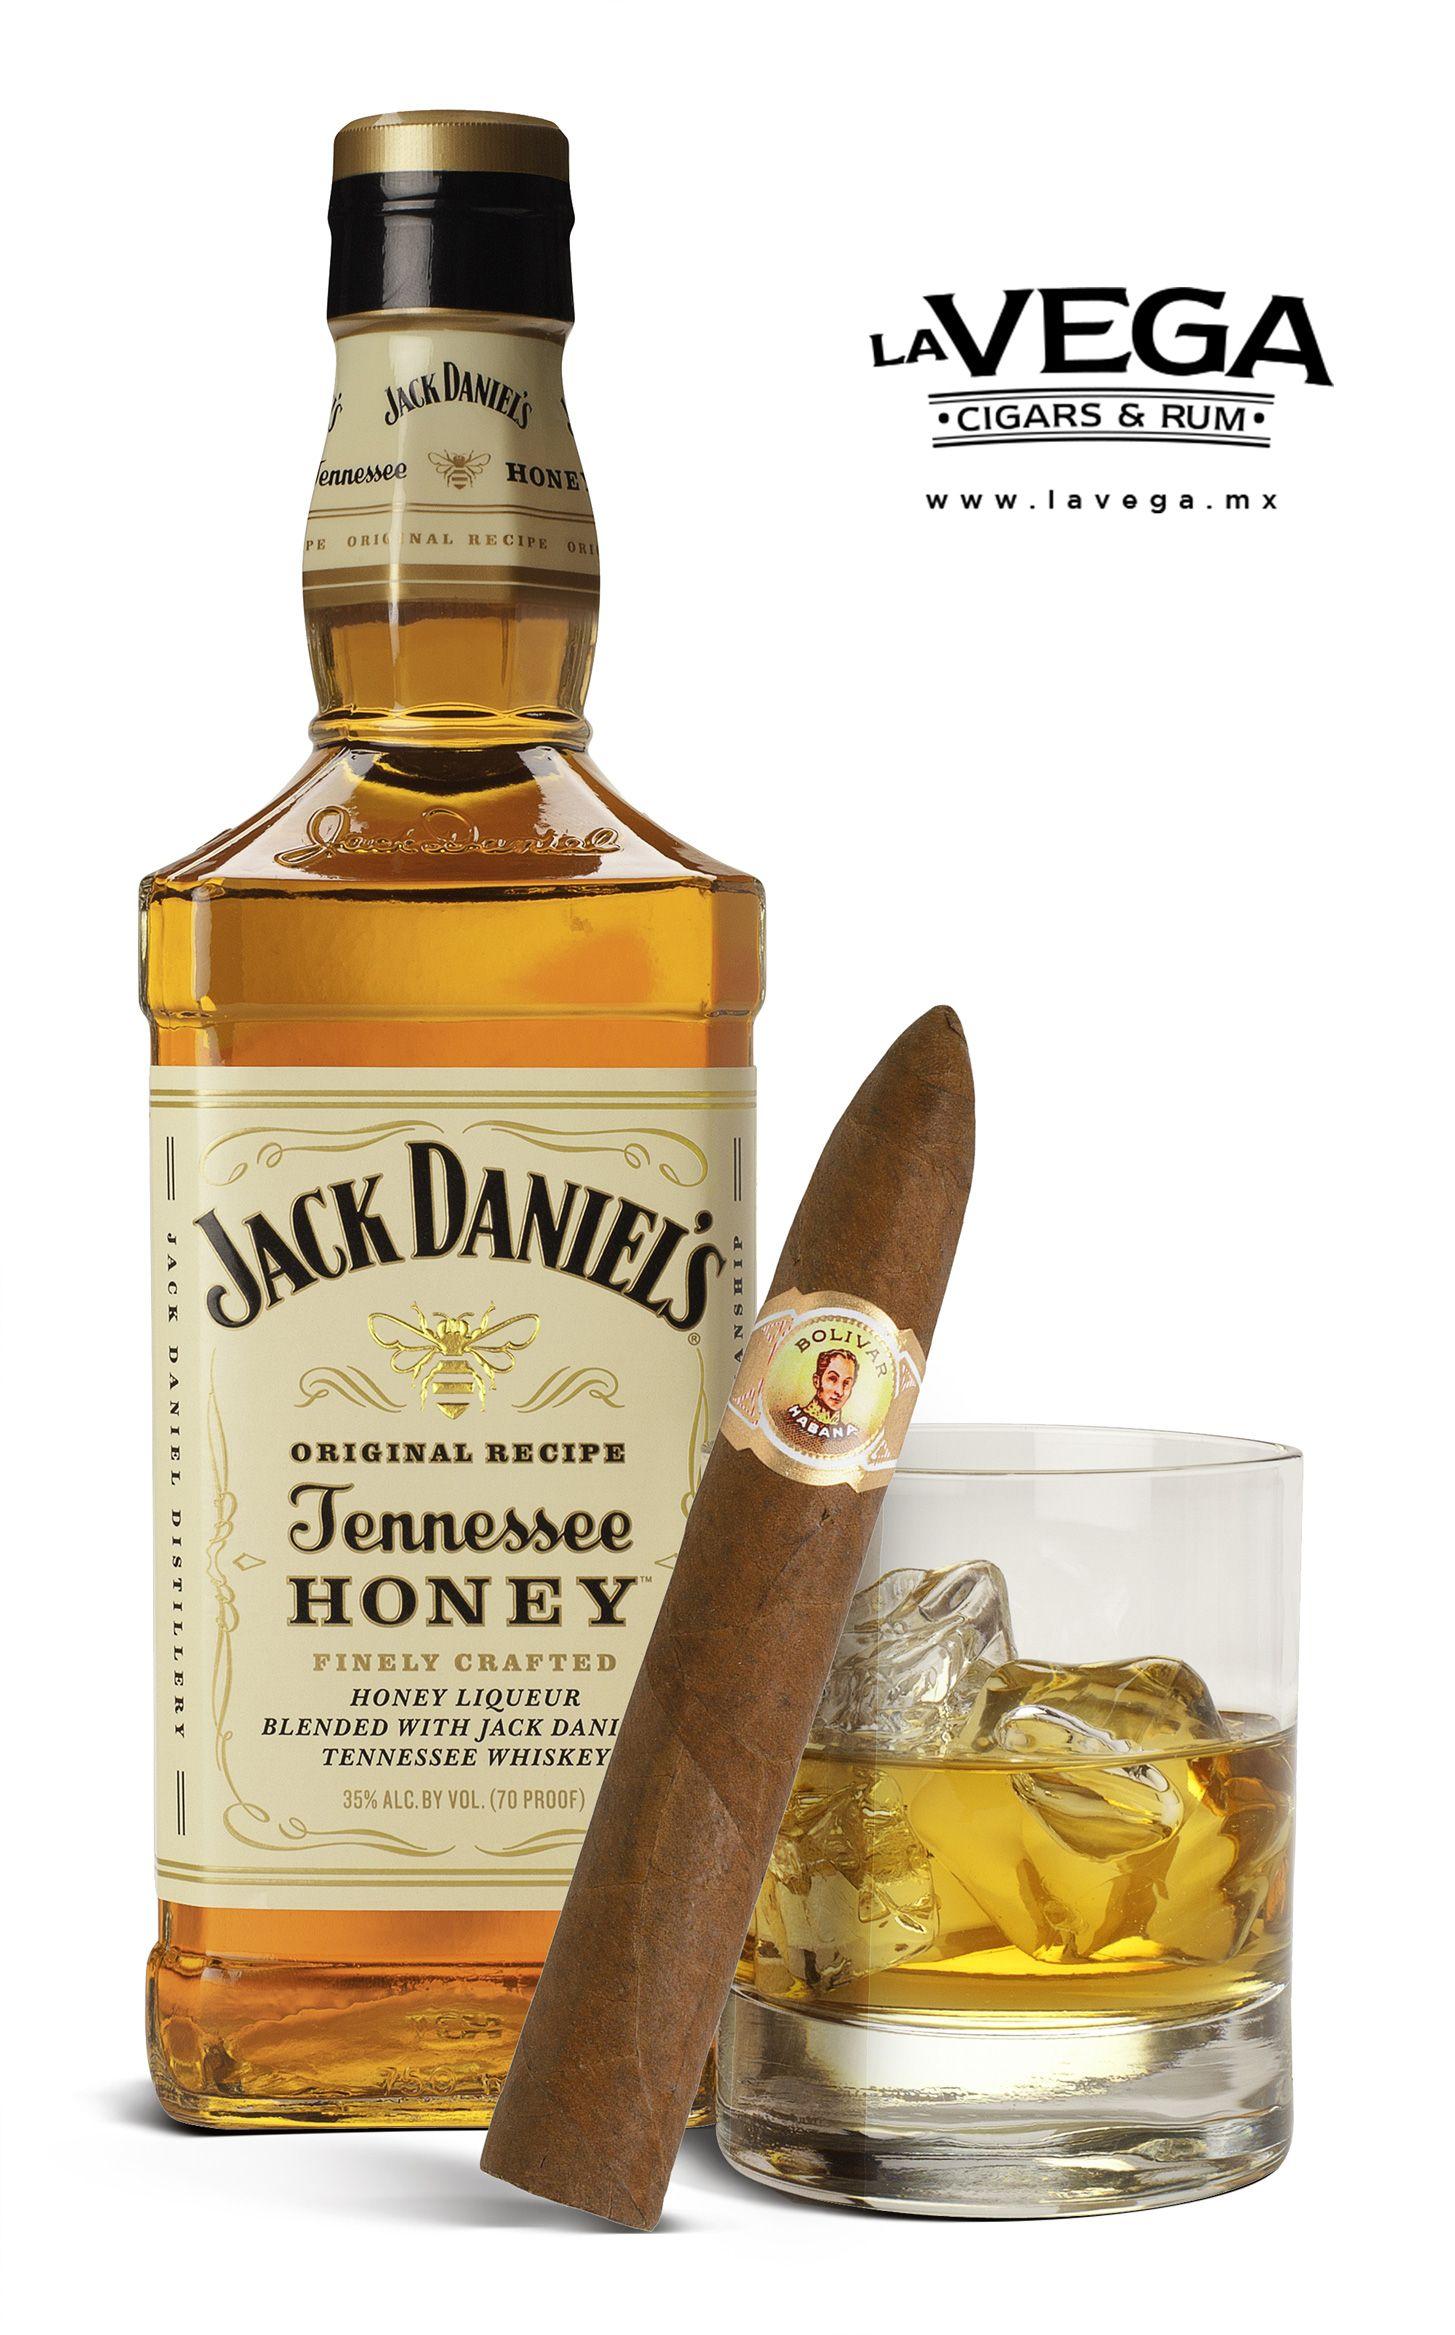 Bolivar belicoso and jack daniel s honey great pairing lavega cigar rum